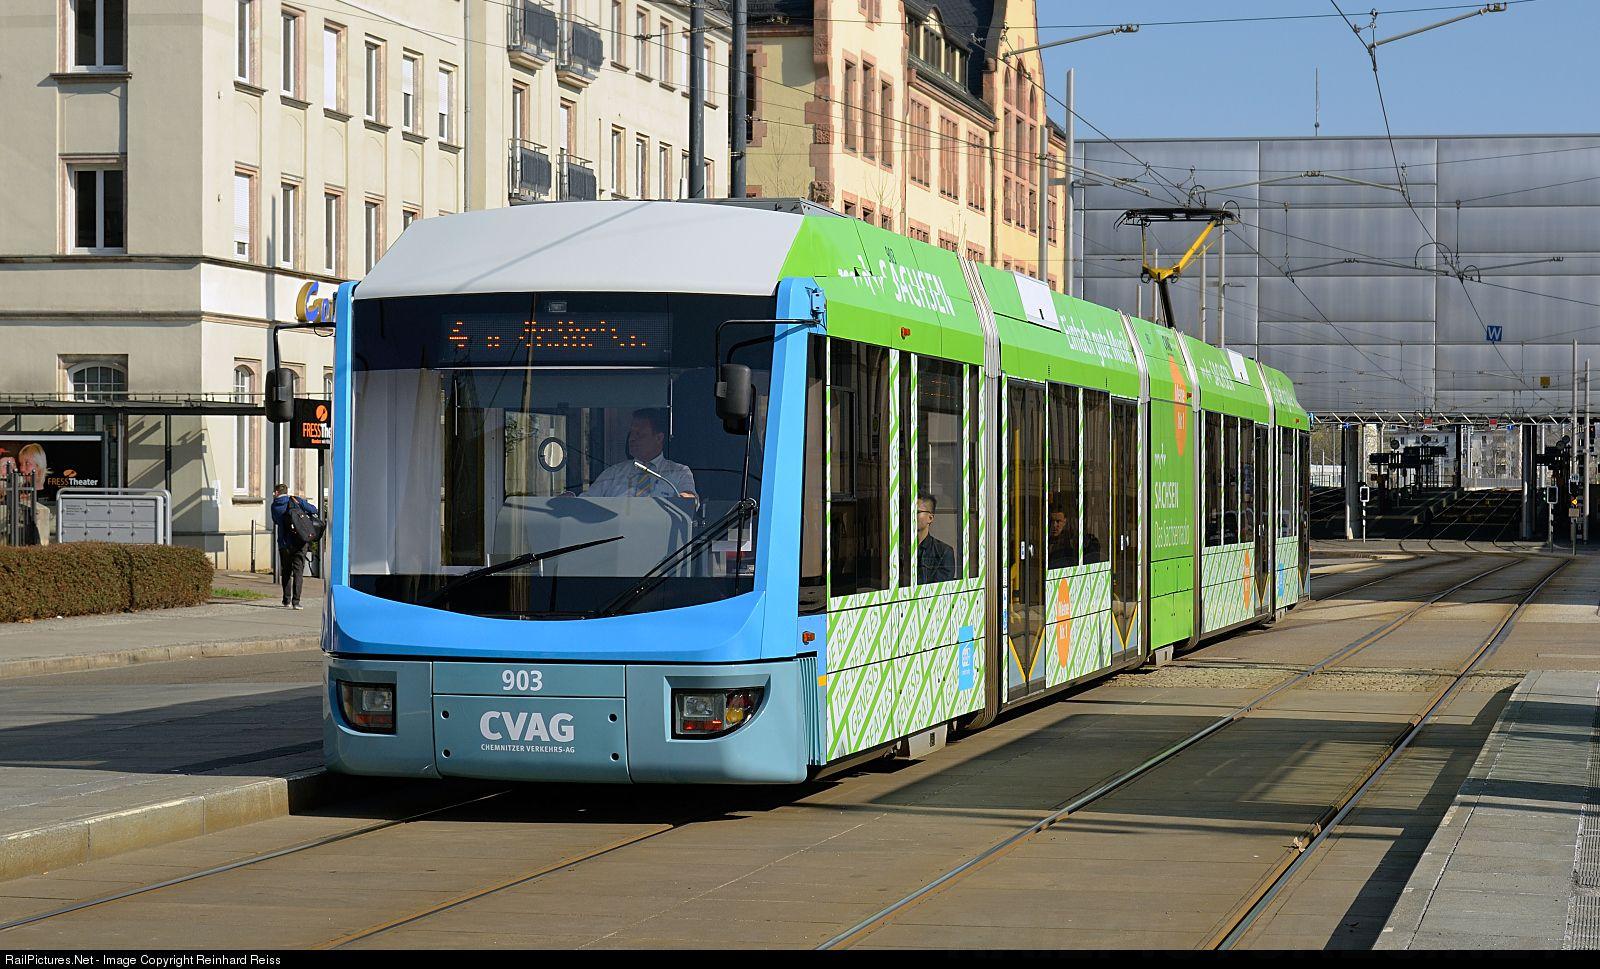 Cvag 903 Chemnitzer Verkehrs Ag Cvag Ngt6 At Chemnitz Germany By Reinhard Reiss Chemnitz Railway Germany